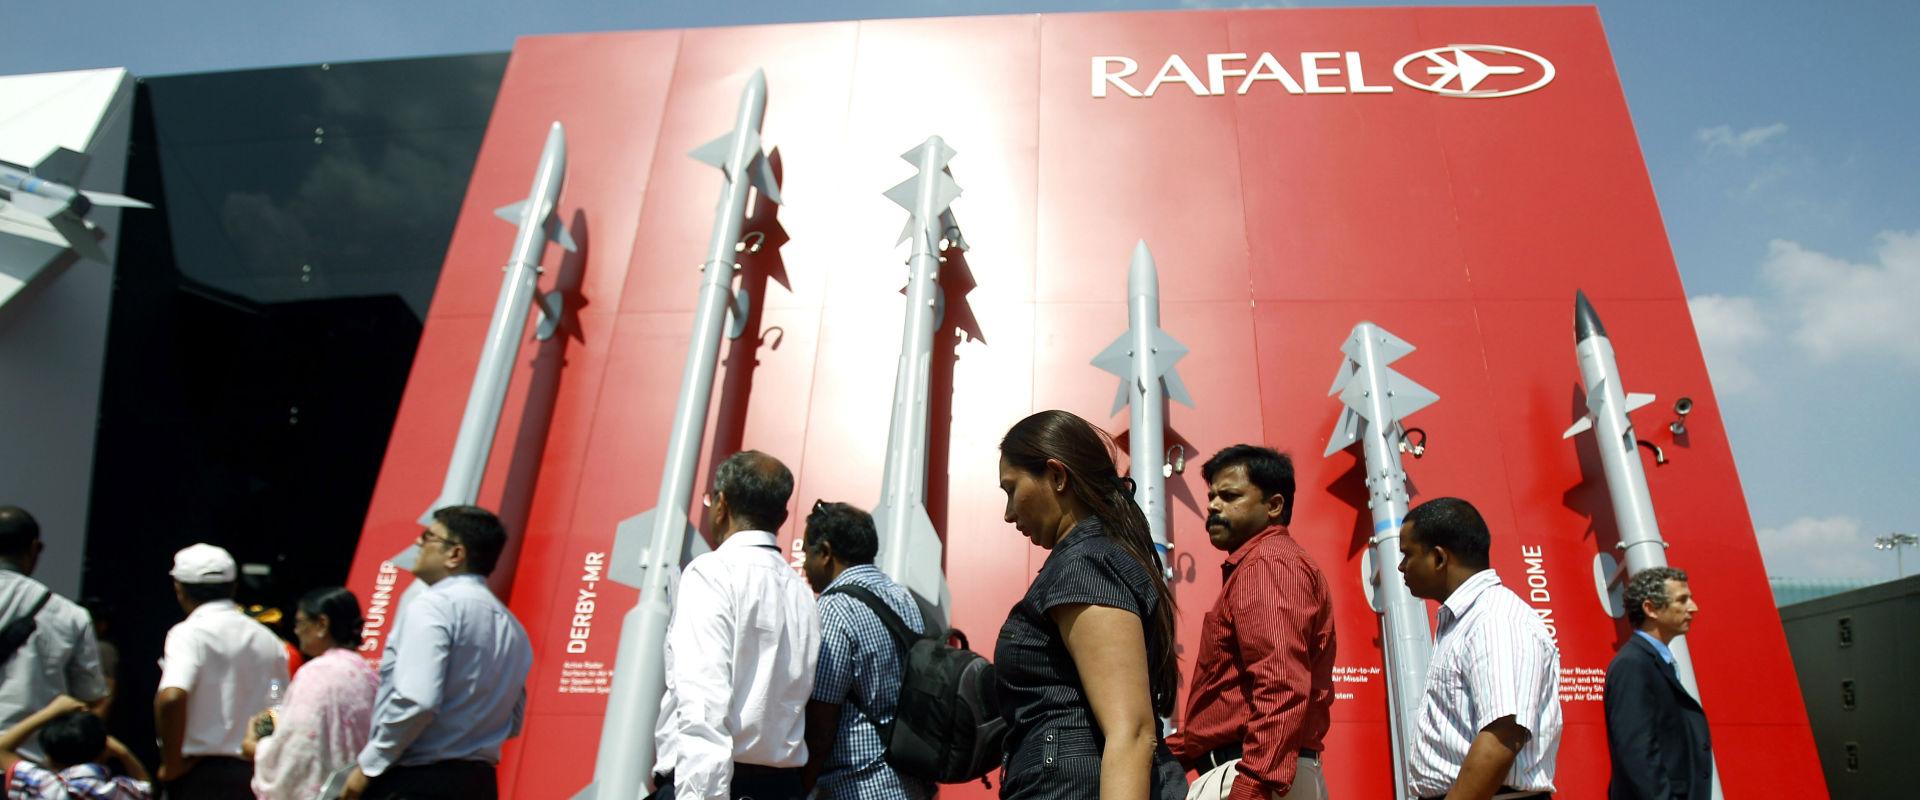 ביתן חברת רפאל בתערוכת נשק בהודו